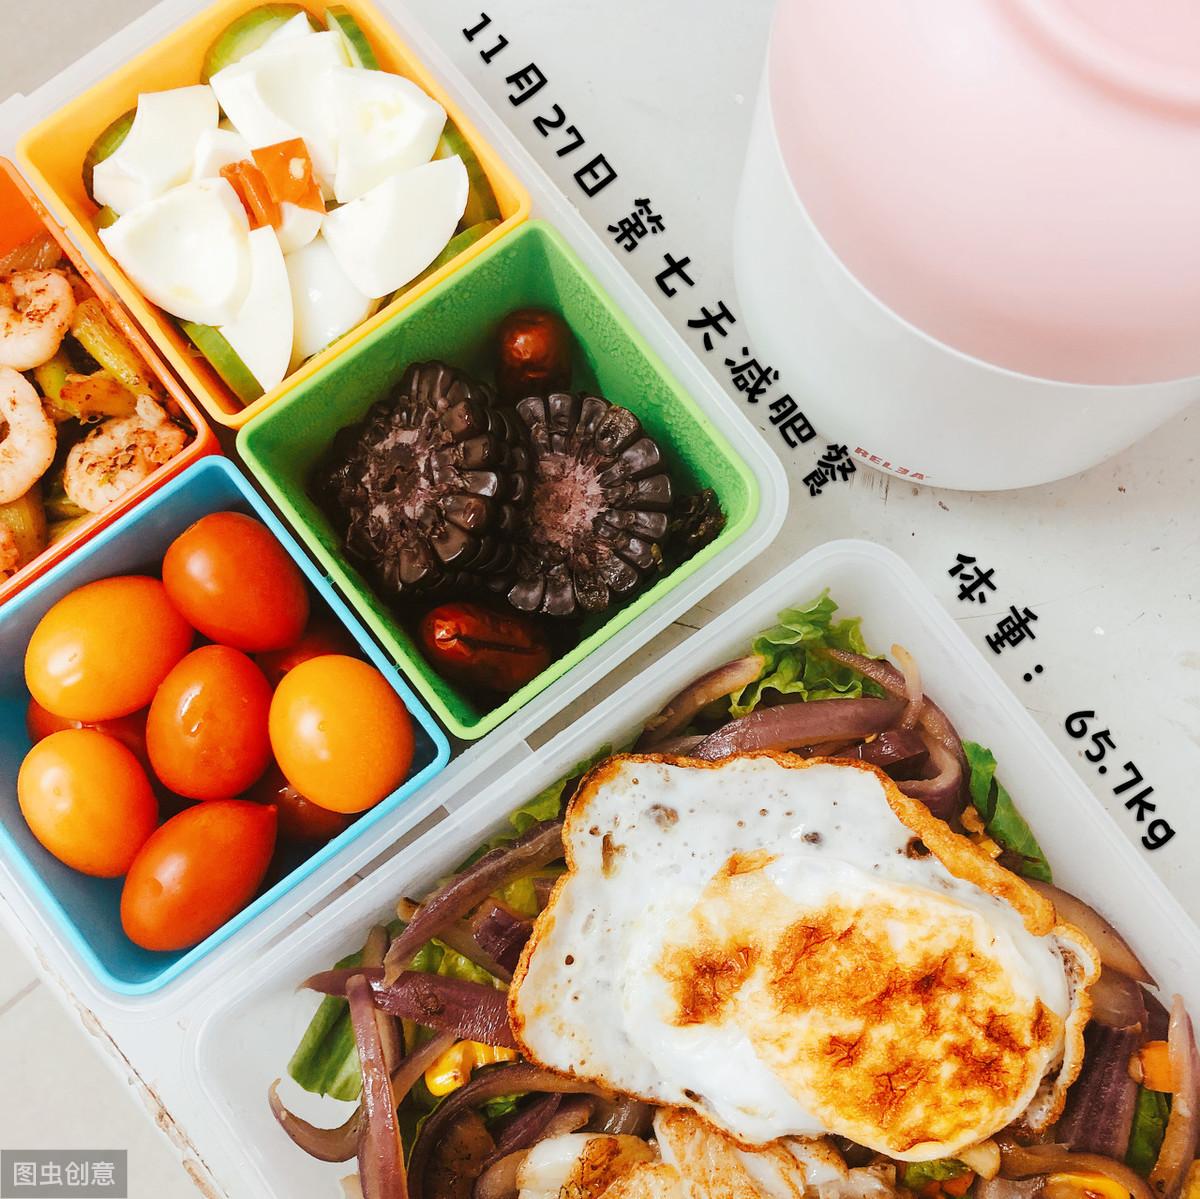 一日三餐减肥食谱推荐,坚持10天,让你体重下降5斤 减肥菜谱 第3张